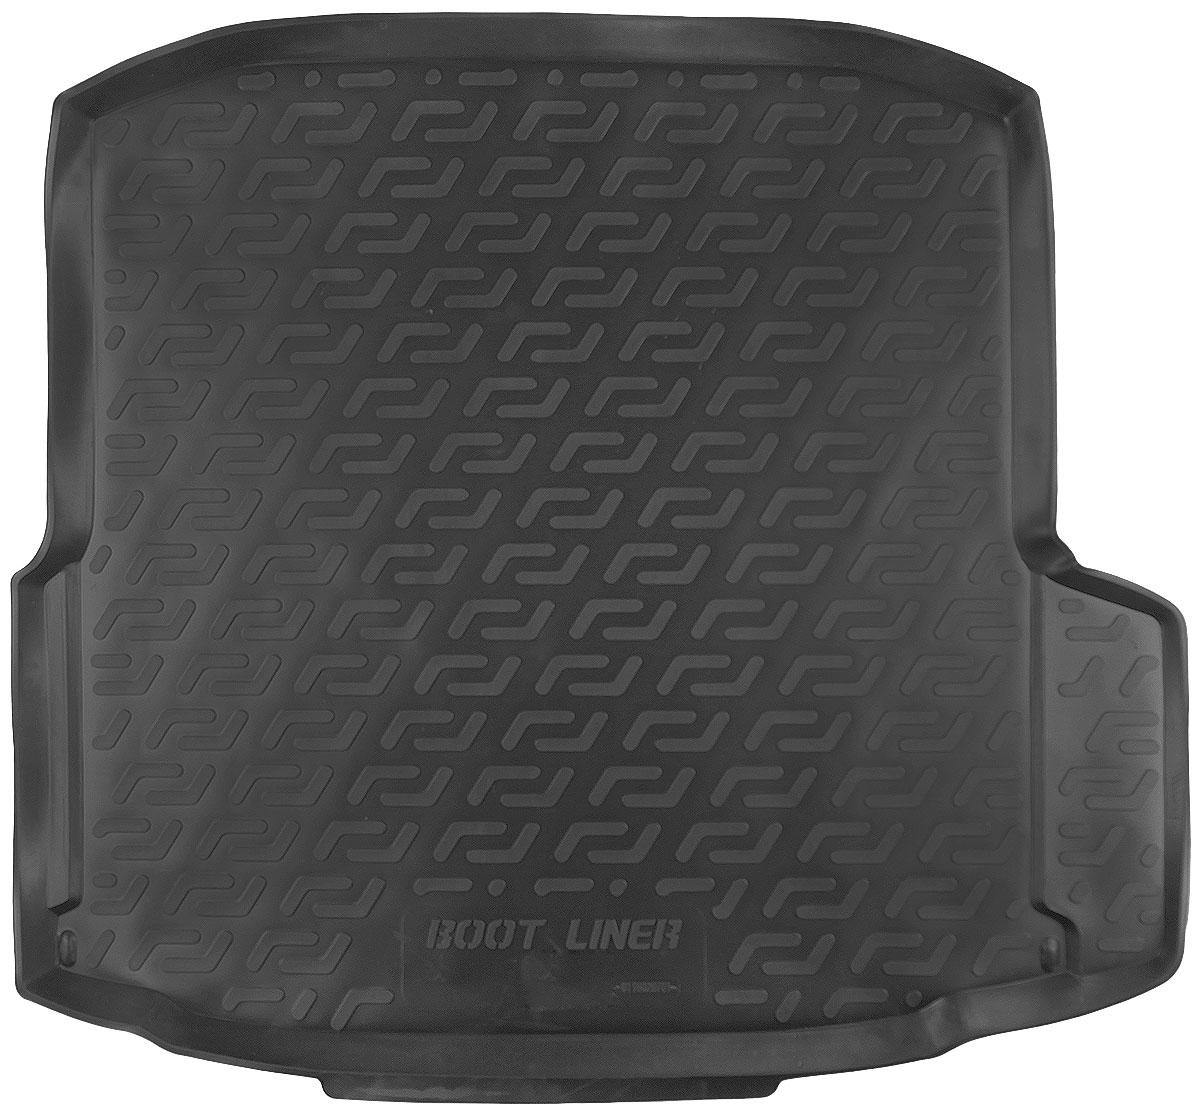 Коврик в багажник L.Locker, для Skoda Octavia III (13-)0116020701Коврик L.Locker производится индивидуально для каждой модели автомобиля из современного и экологически чистого материала. Изделие точно повторяет геометрию пола автомобиля, имеет высокий борт, обладает повышенной износоустойчивостью, антискользящими свойствами, лишен резкого запаха и сохраняет свои потребительские свойства в широком диапазоне температур (от -50°С до +80°С).